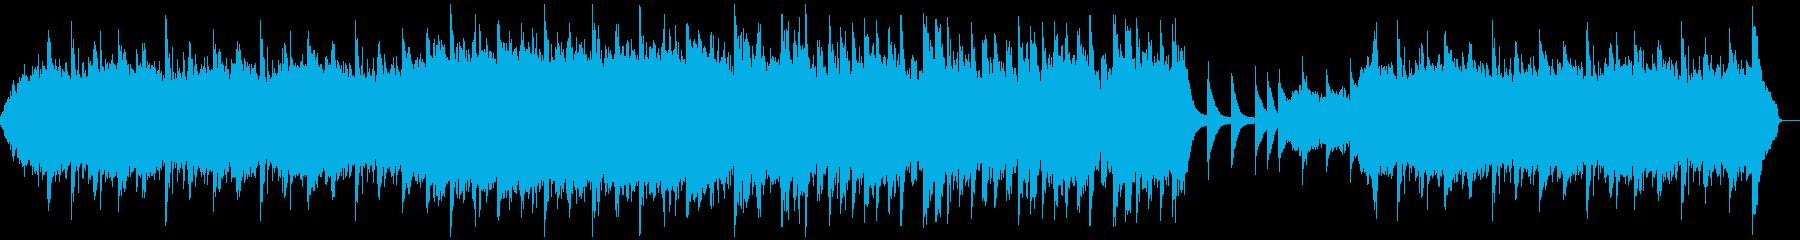 ピアノとストリングスのしっとり壮大な曲の再生済みの波形